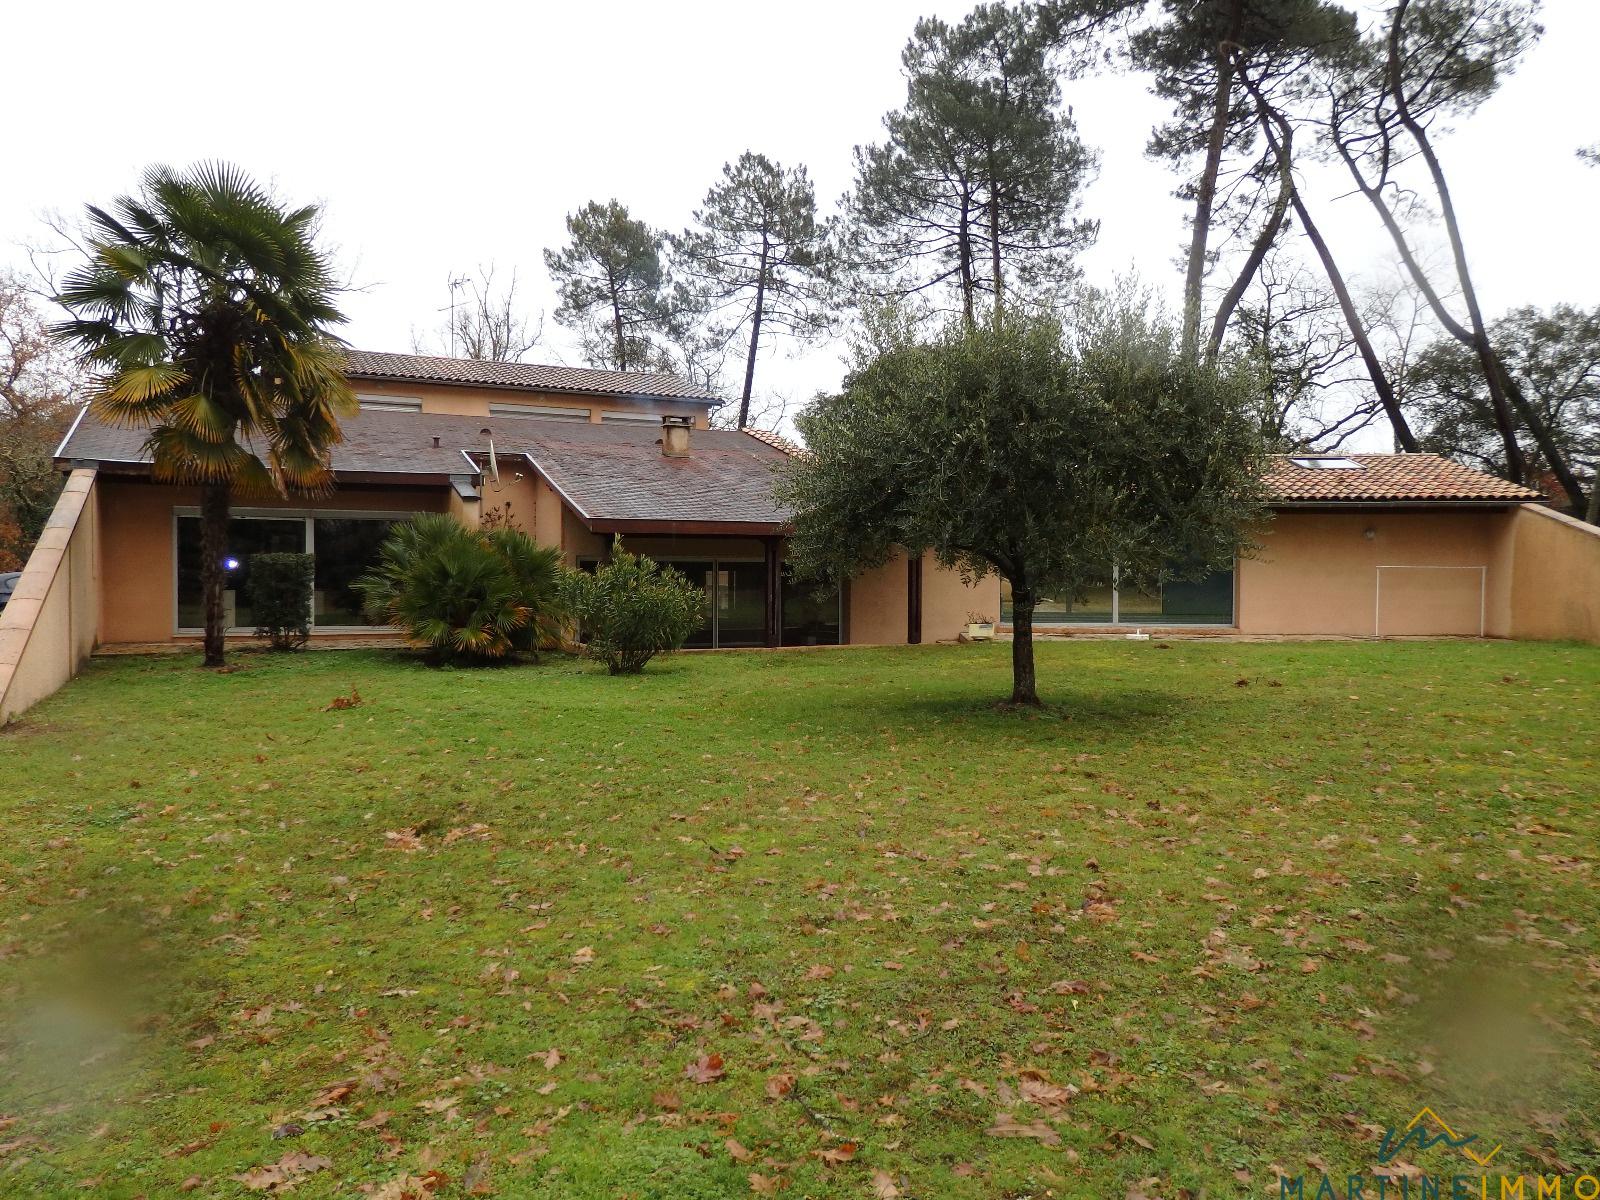 Vente maisons et terrains marmande saint bazeille et environs for Vente bien immobilier atypique